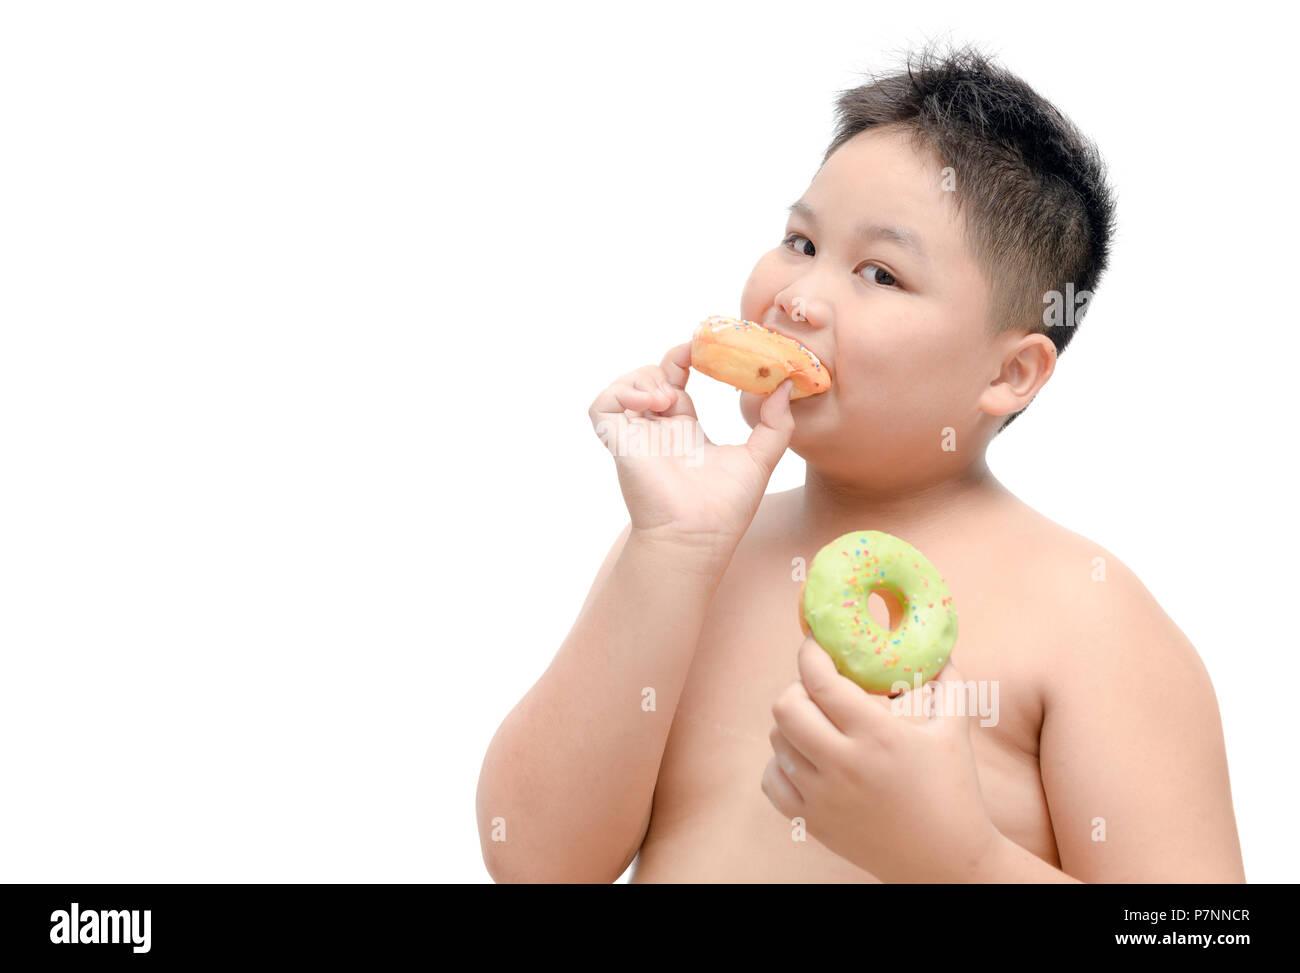 Beleibte Fat Boy ist Essen Donut auf weißem Hintergrund, Junk Food und Diäten Konzept Stockbild